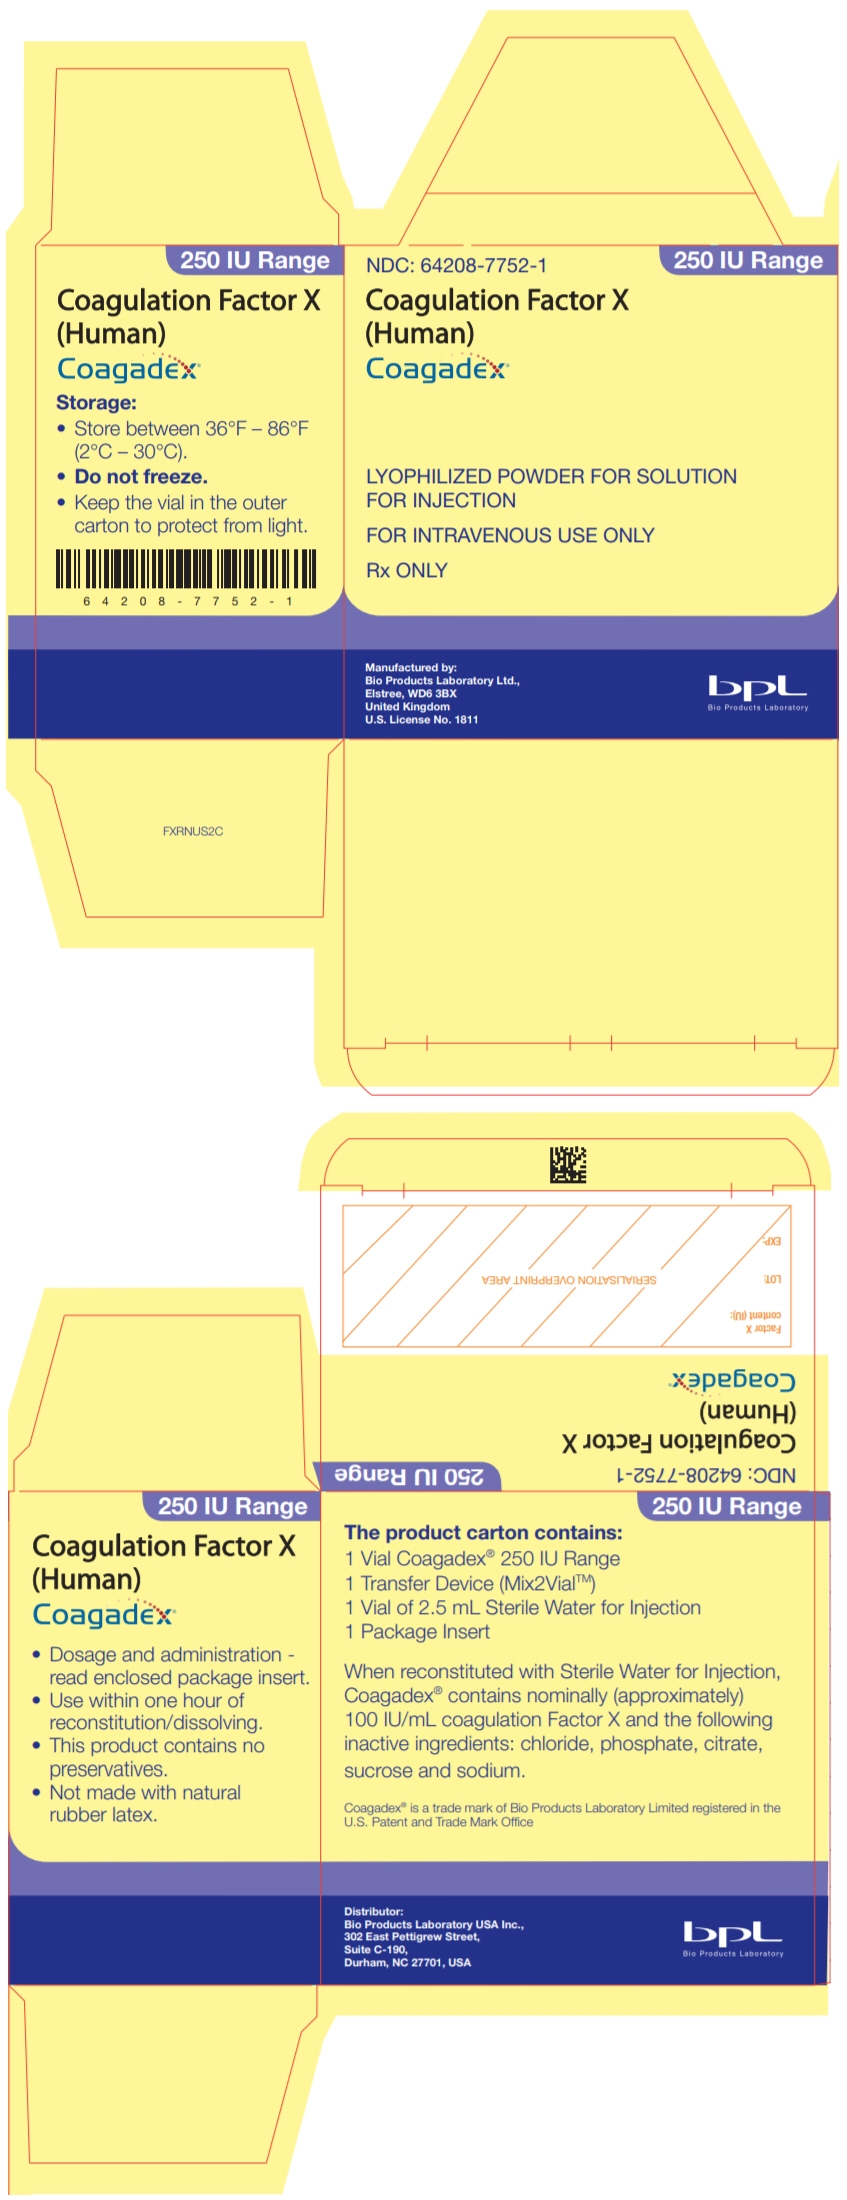 PRINCIPAL DISPLAY PANEL - 250 IU Kit Carton